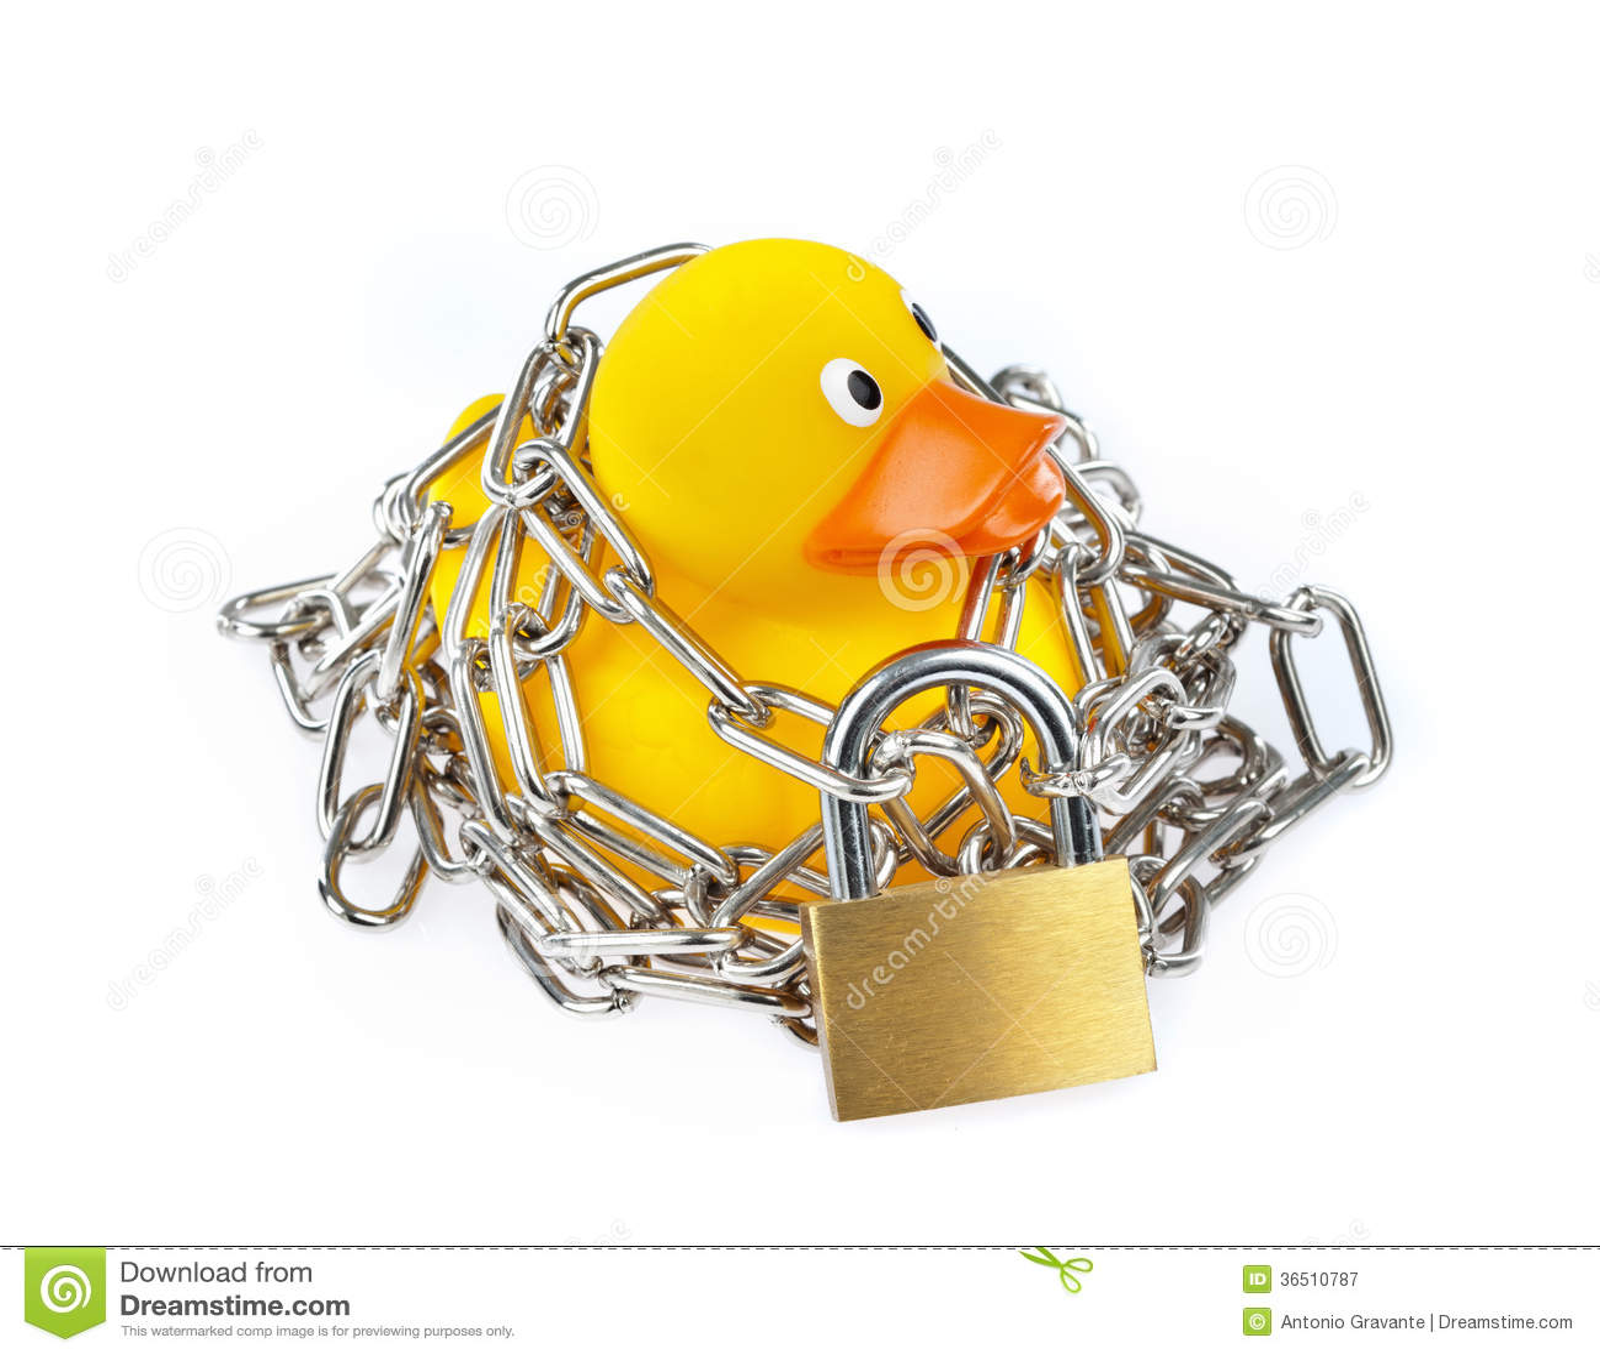 Canard en caoutchouc jaune avec la chaîne et le cadenas